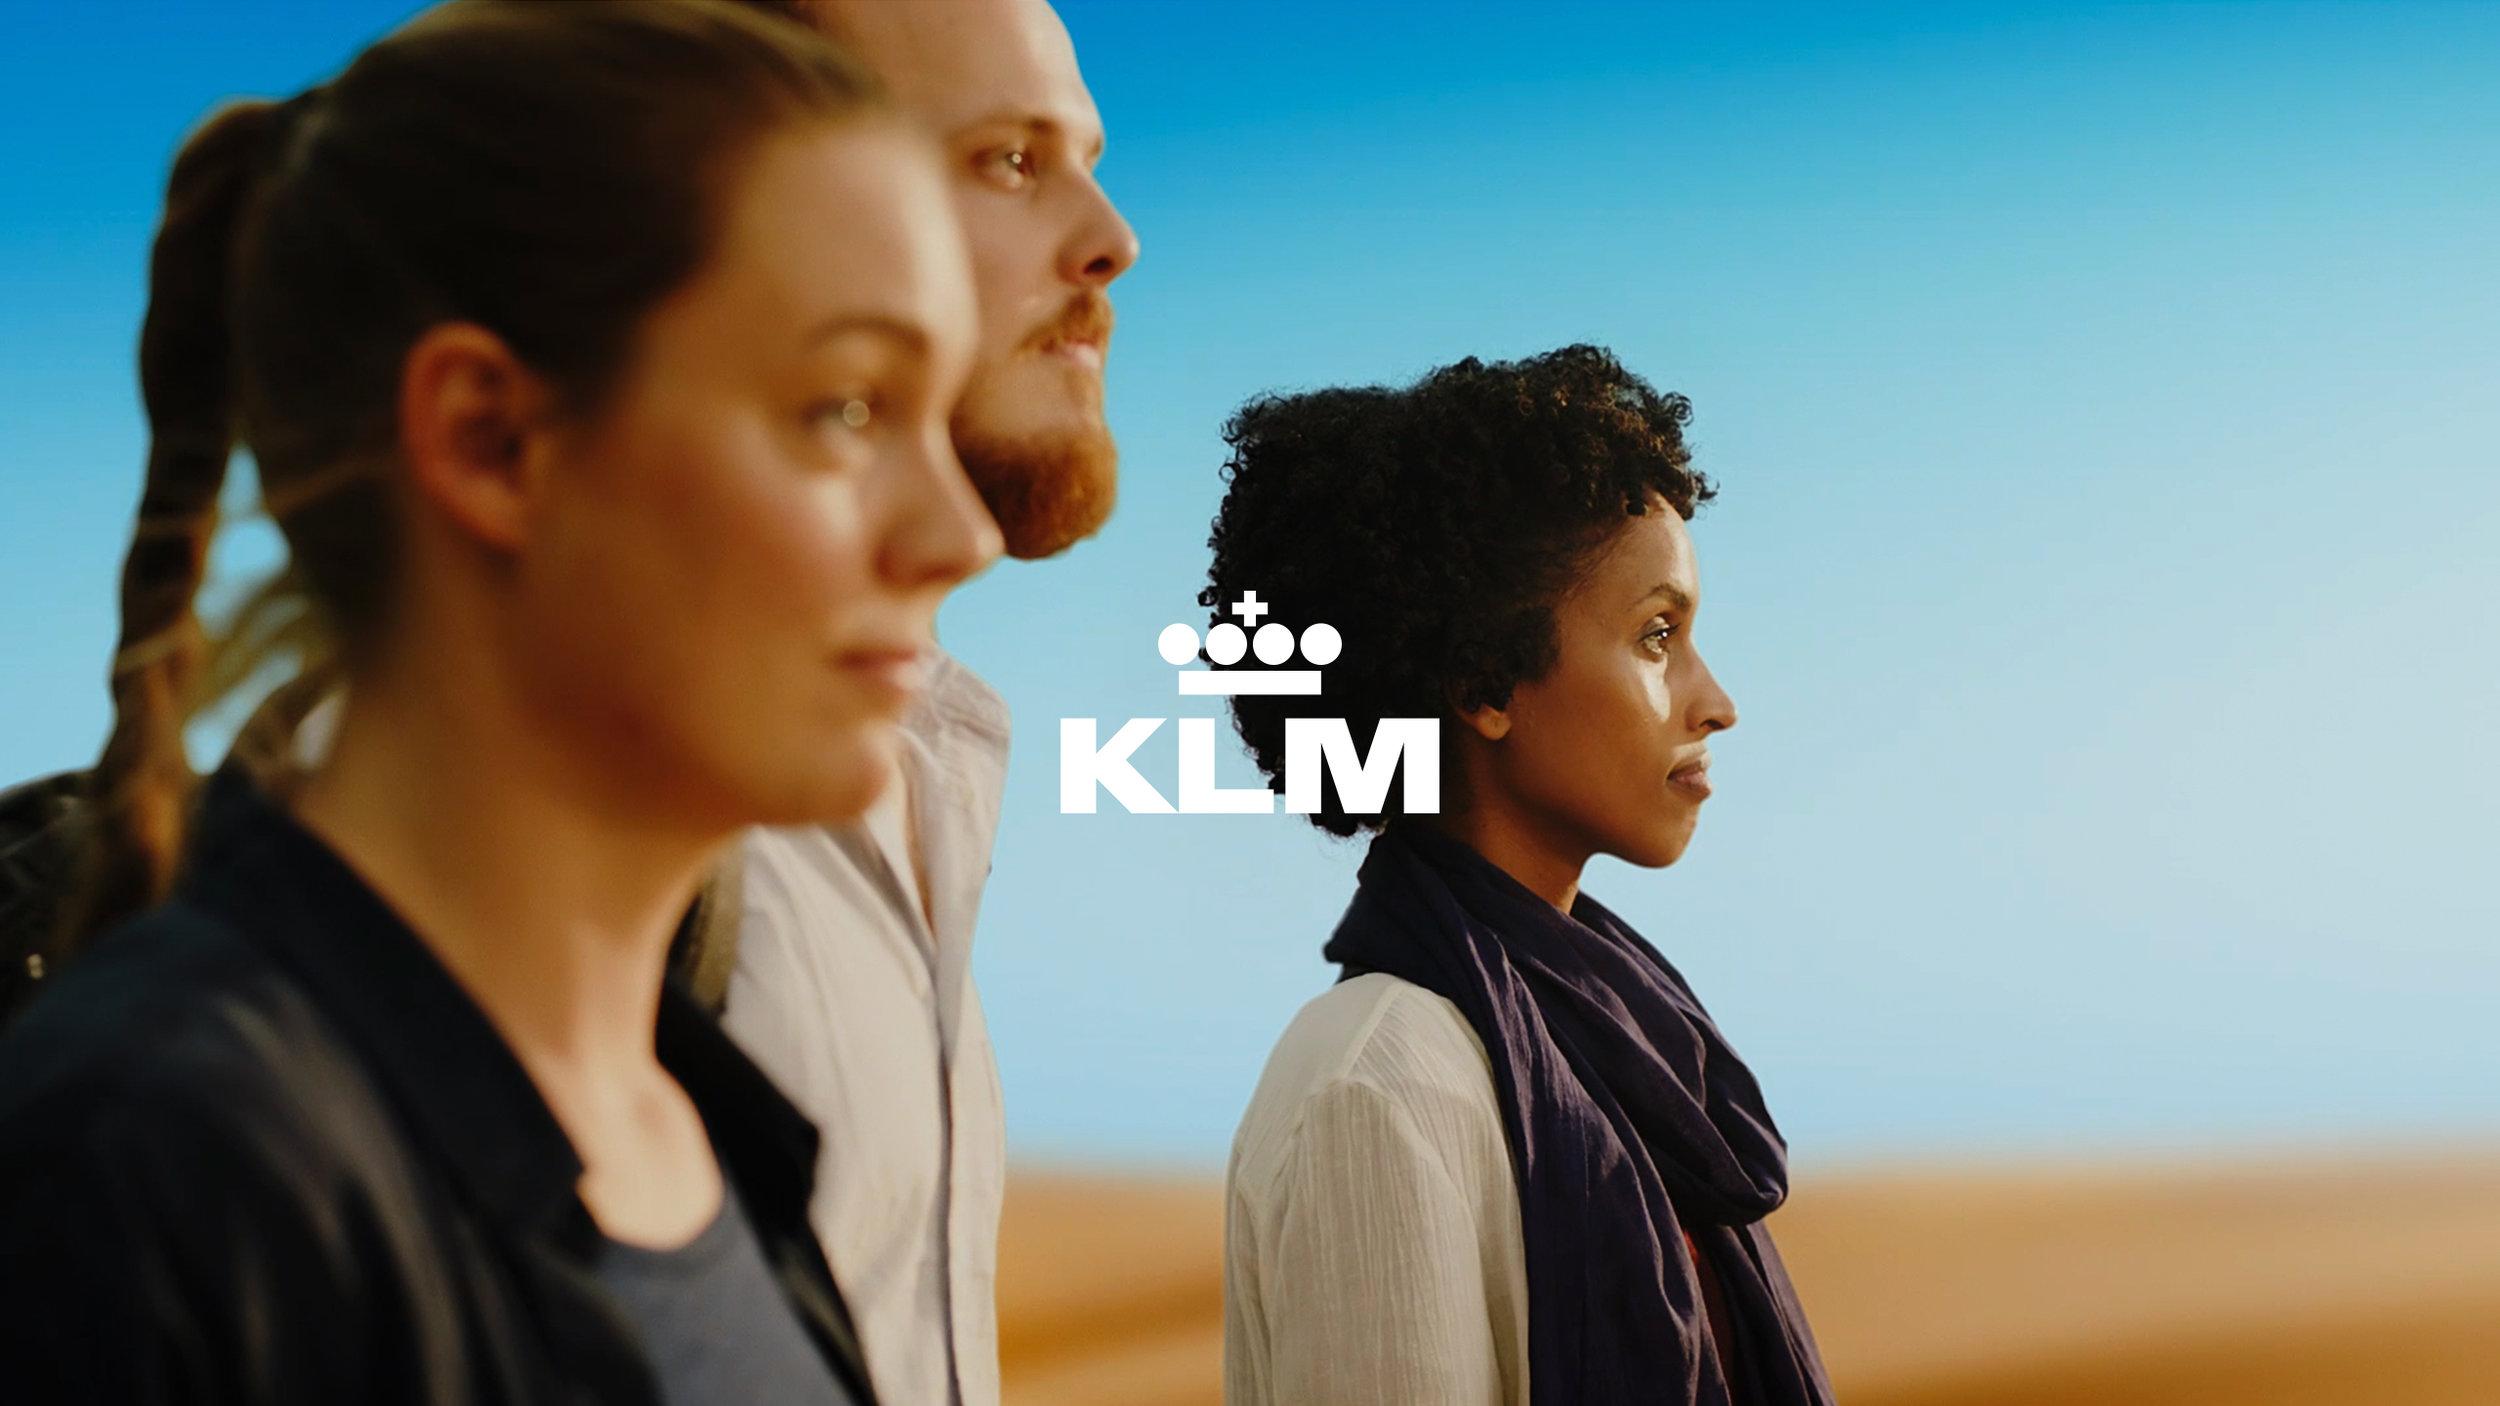 1_KLM_Hero-header.jpg